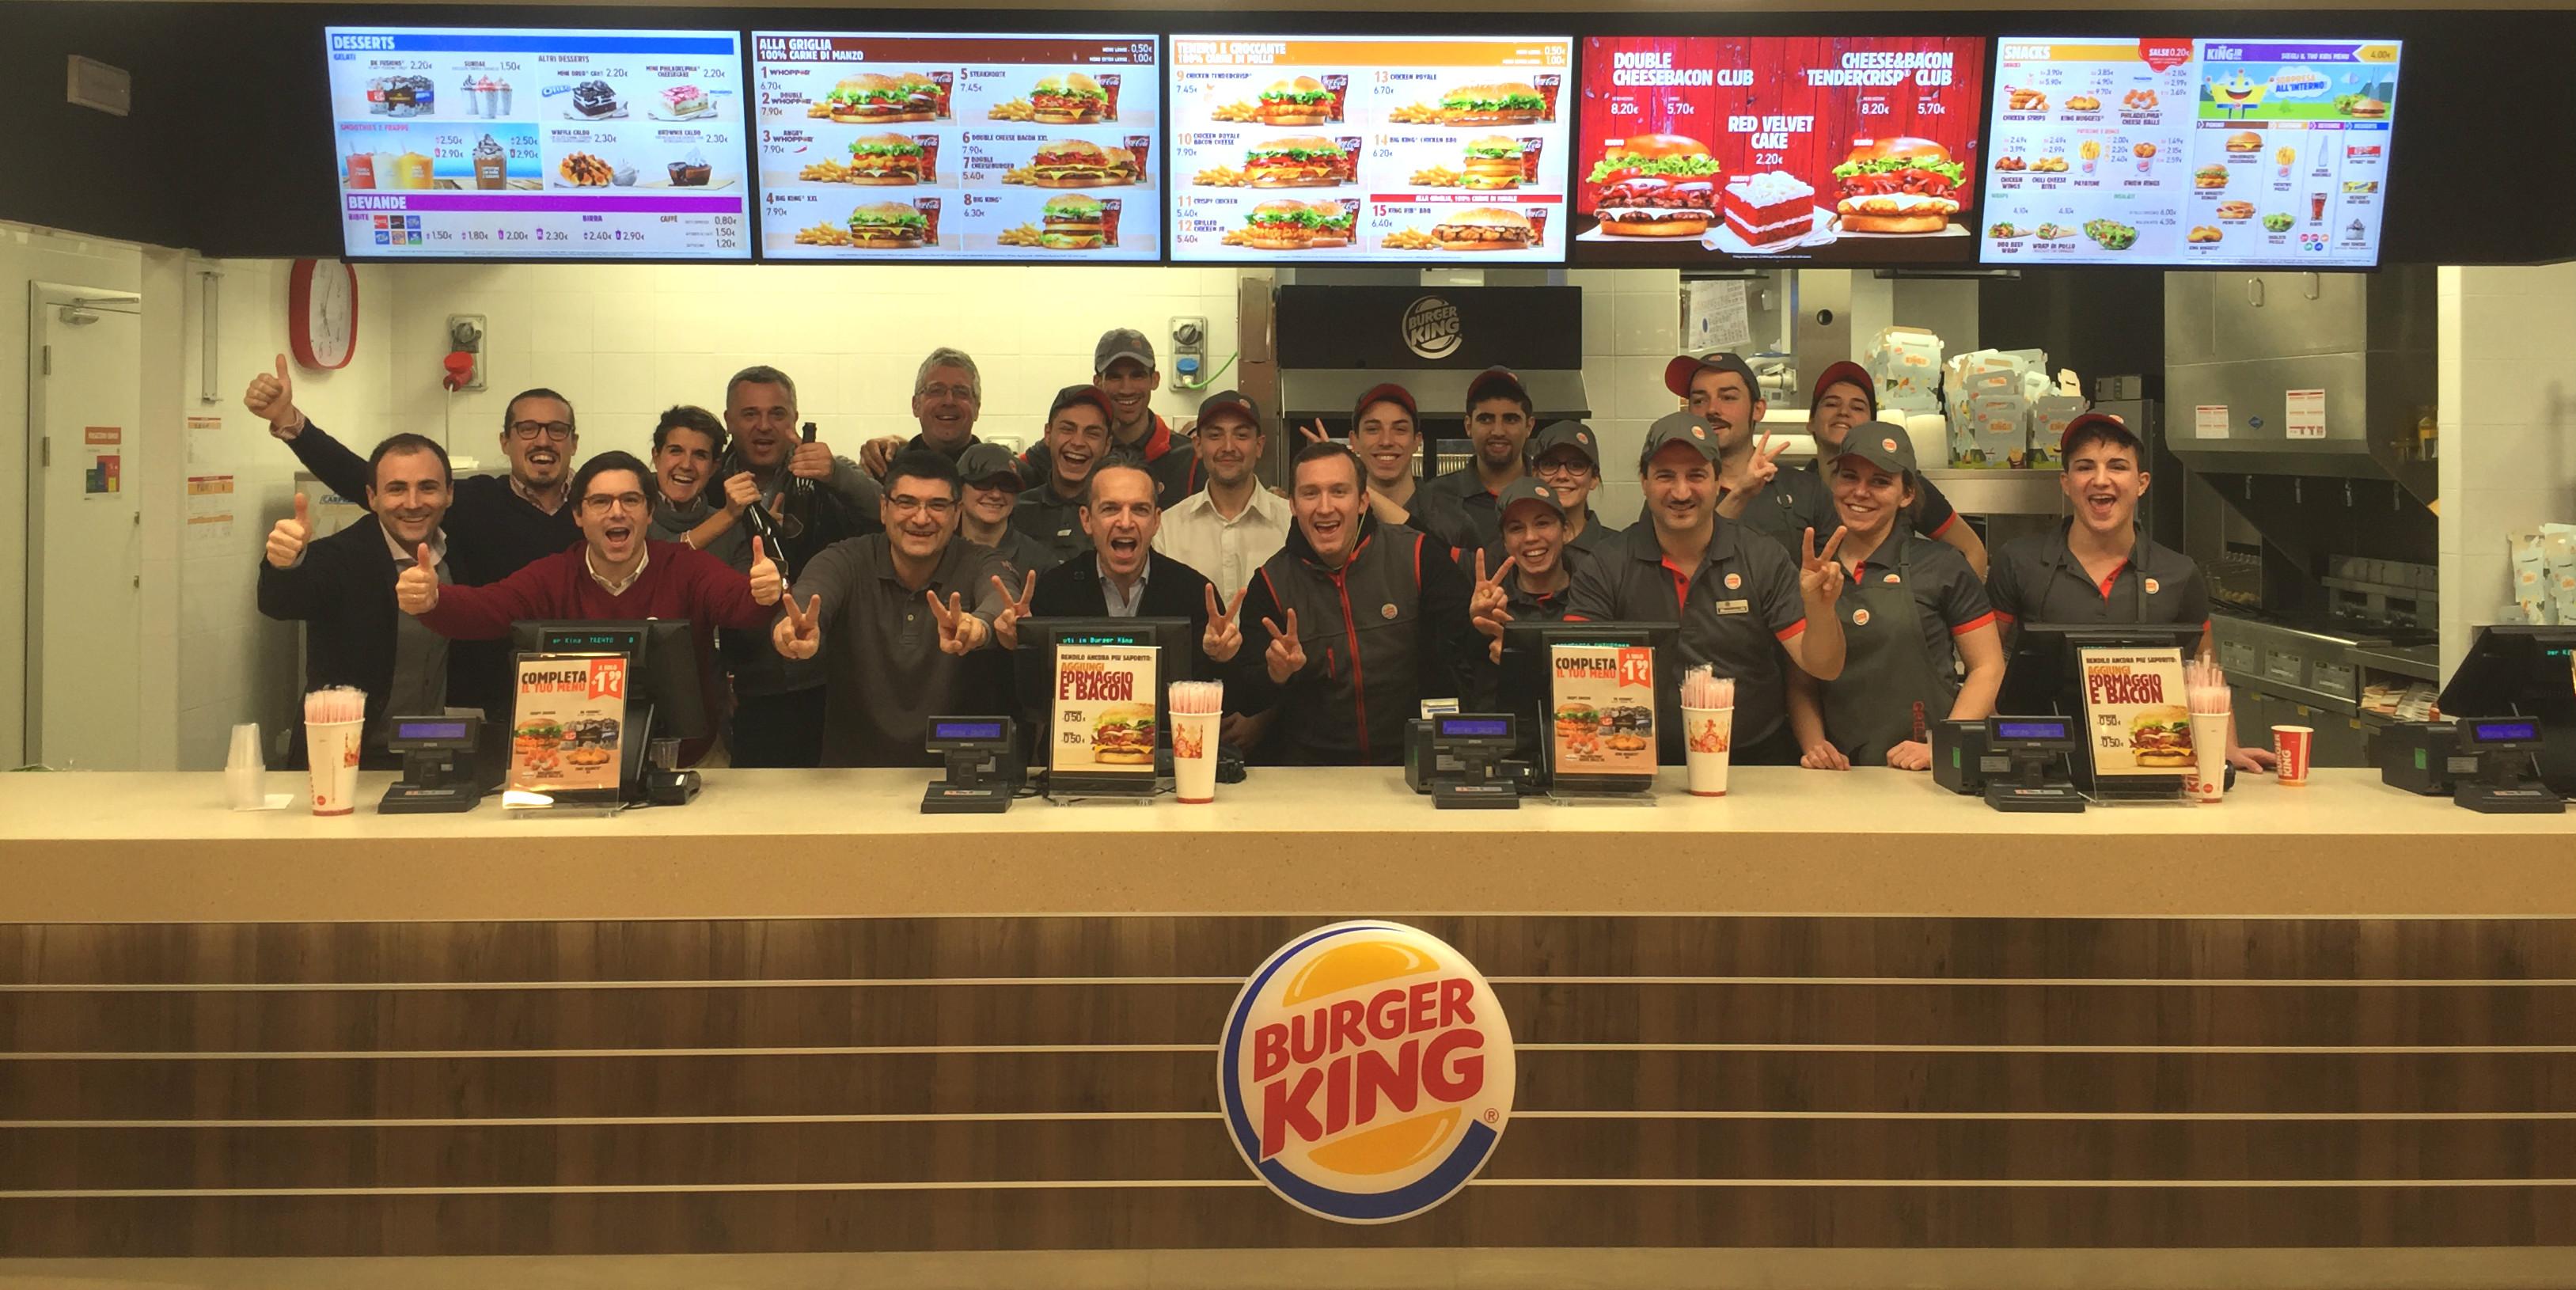 Banco Di Napoli Lavoro Con Noi : Burger king lavora con noi burger king italia